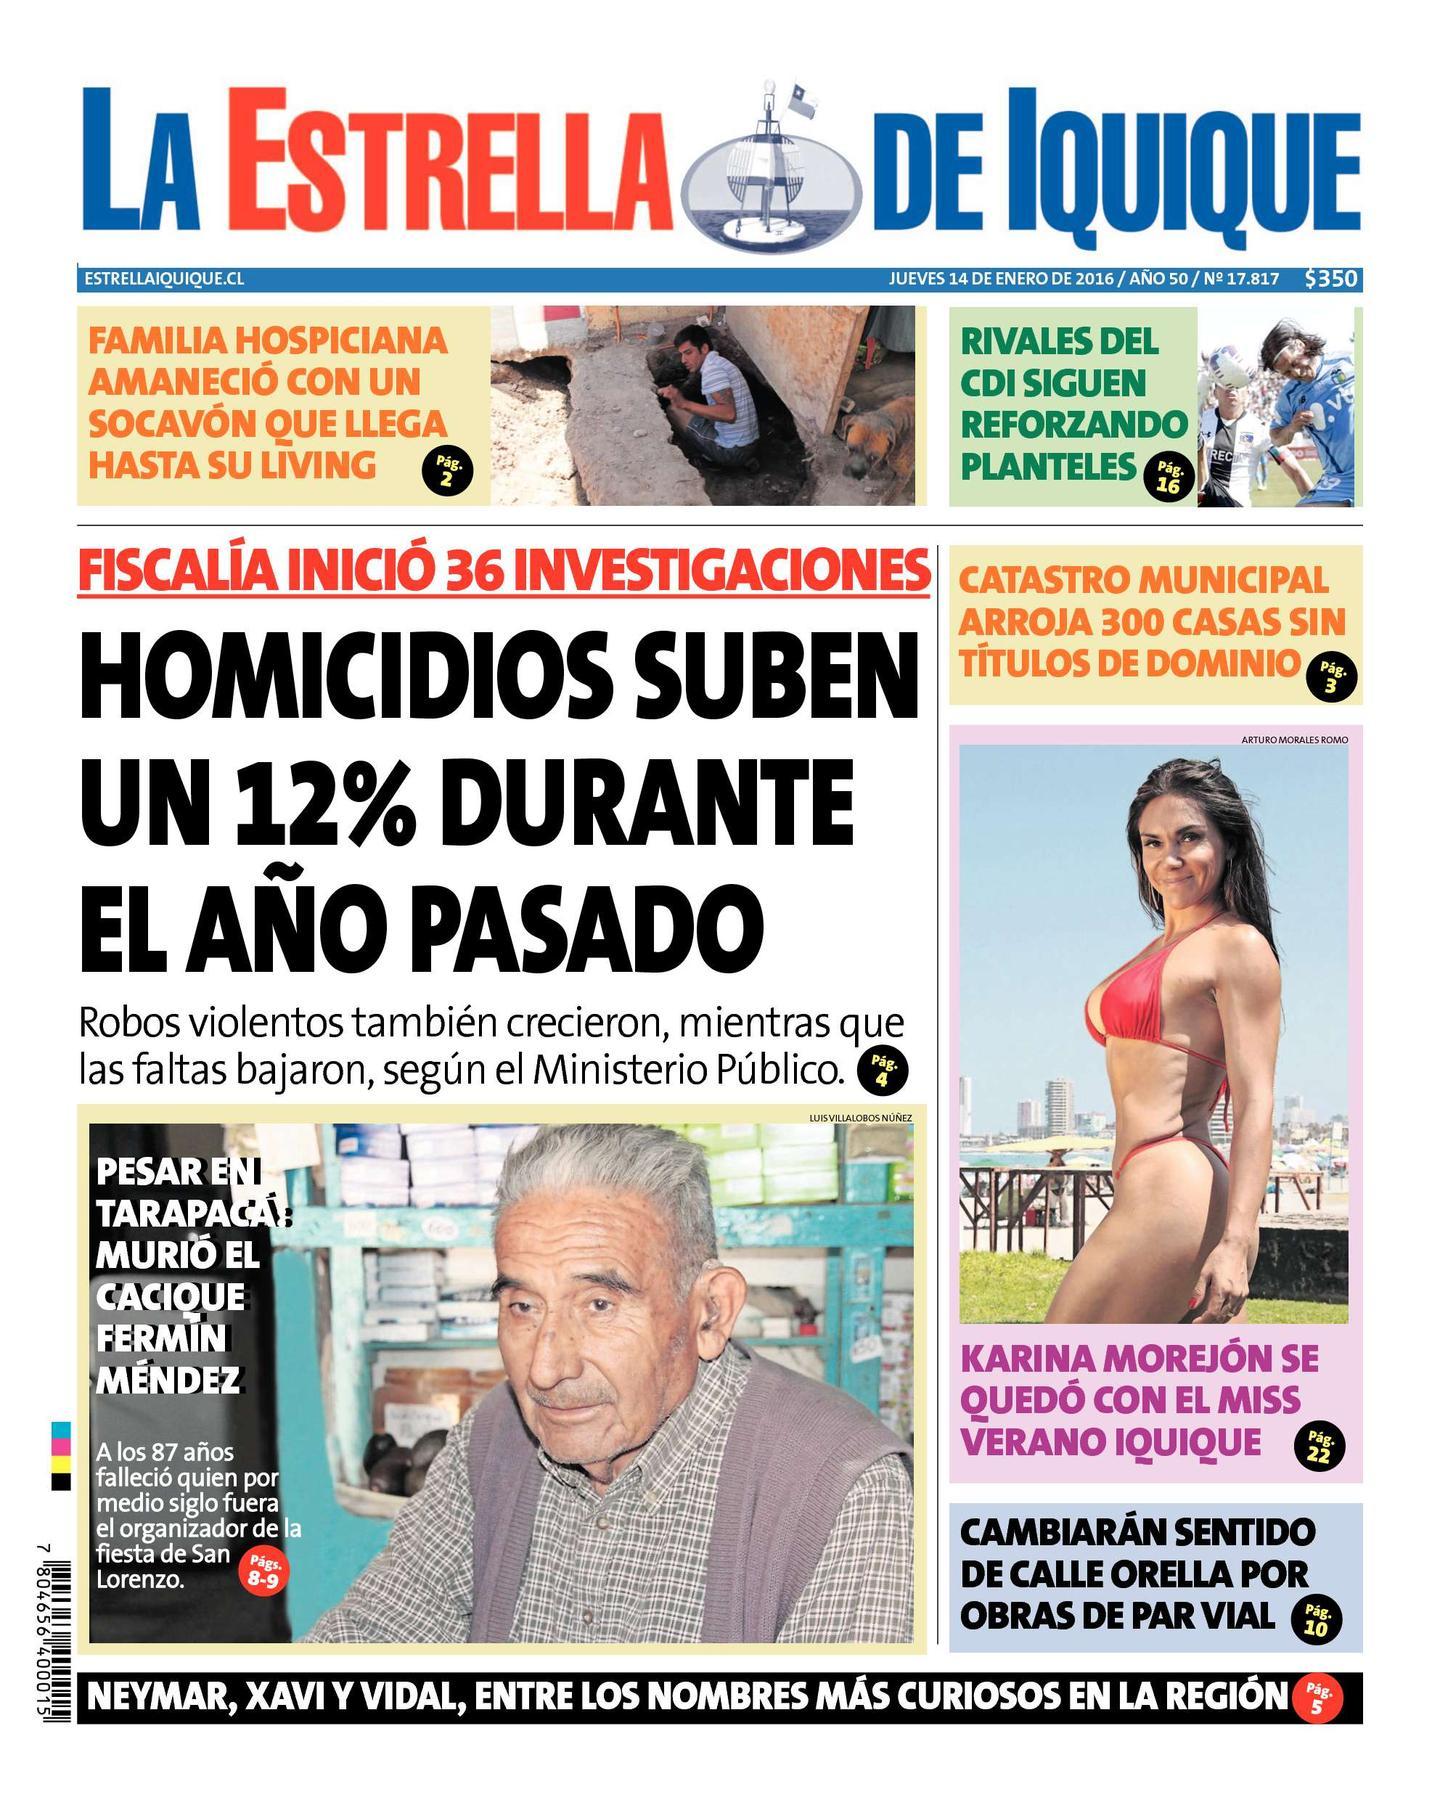 Miss Verano Iquique 2016 06